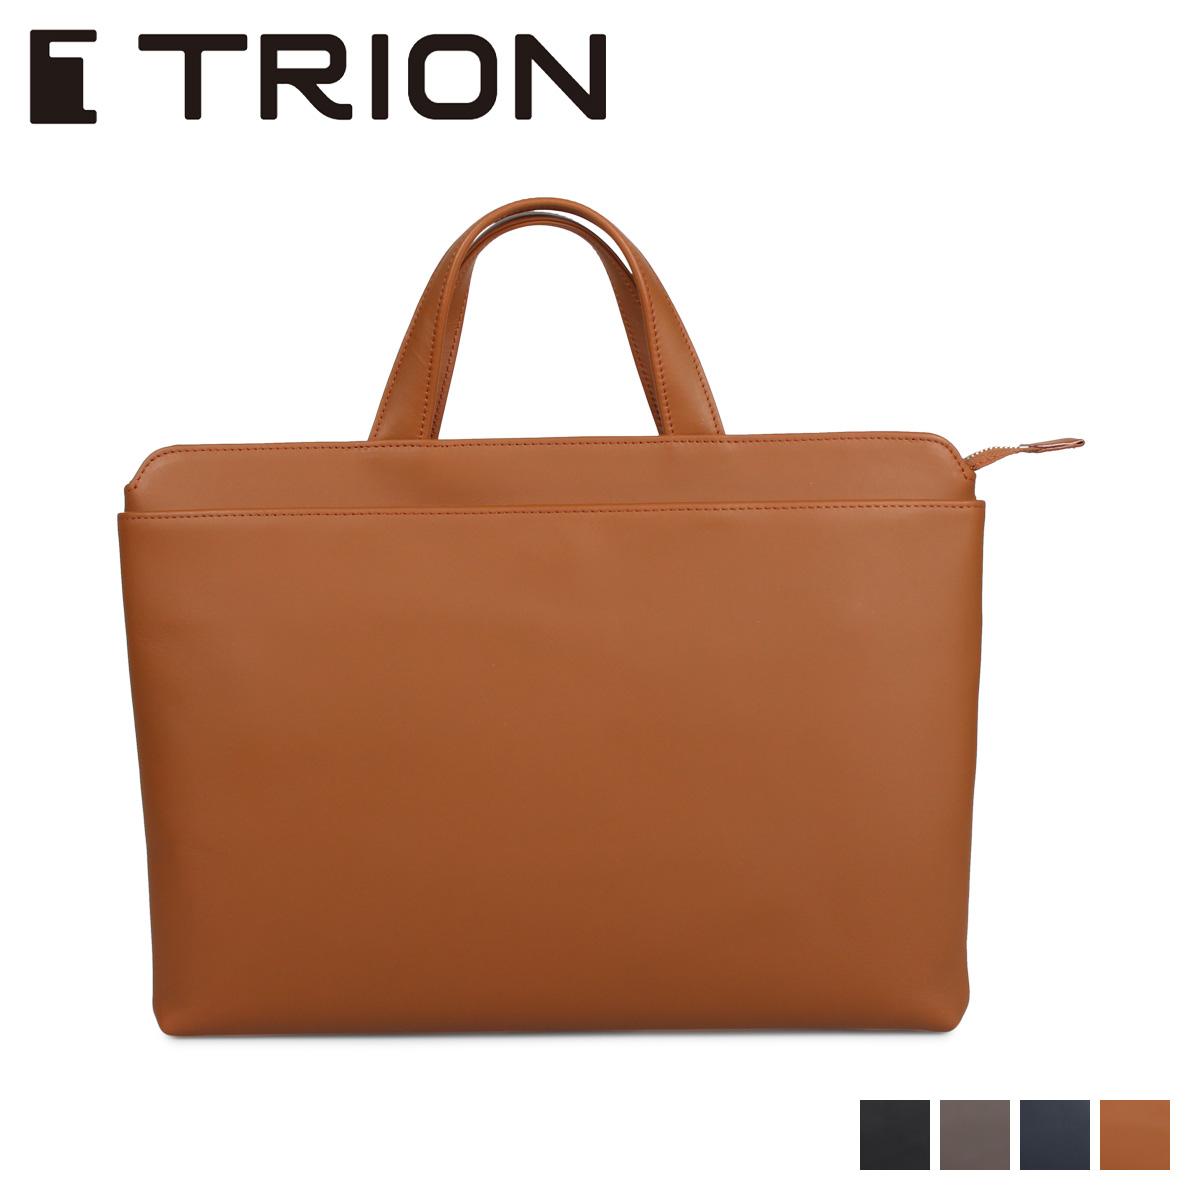 TRION トライオン バッグ ビジネスバッグ ブリーフケース メンズ DOCUMENT ブラック ダーク グレー ネイビー ダーク ブラウン 黒 SA122